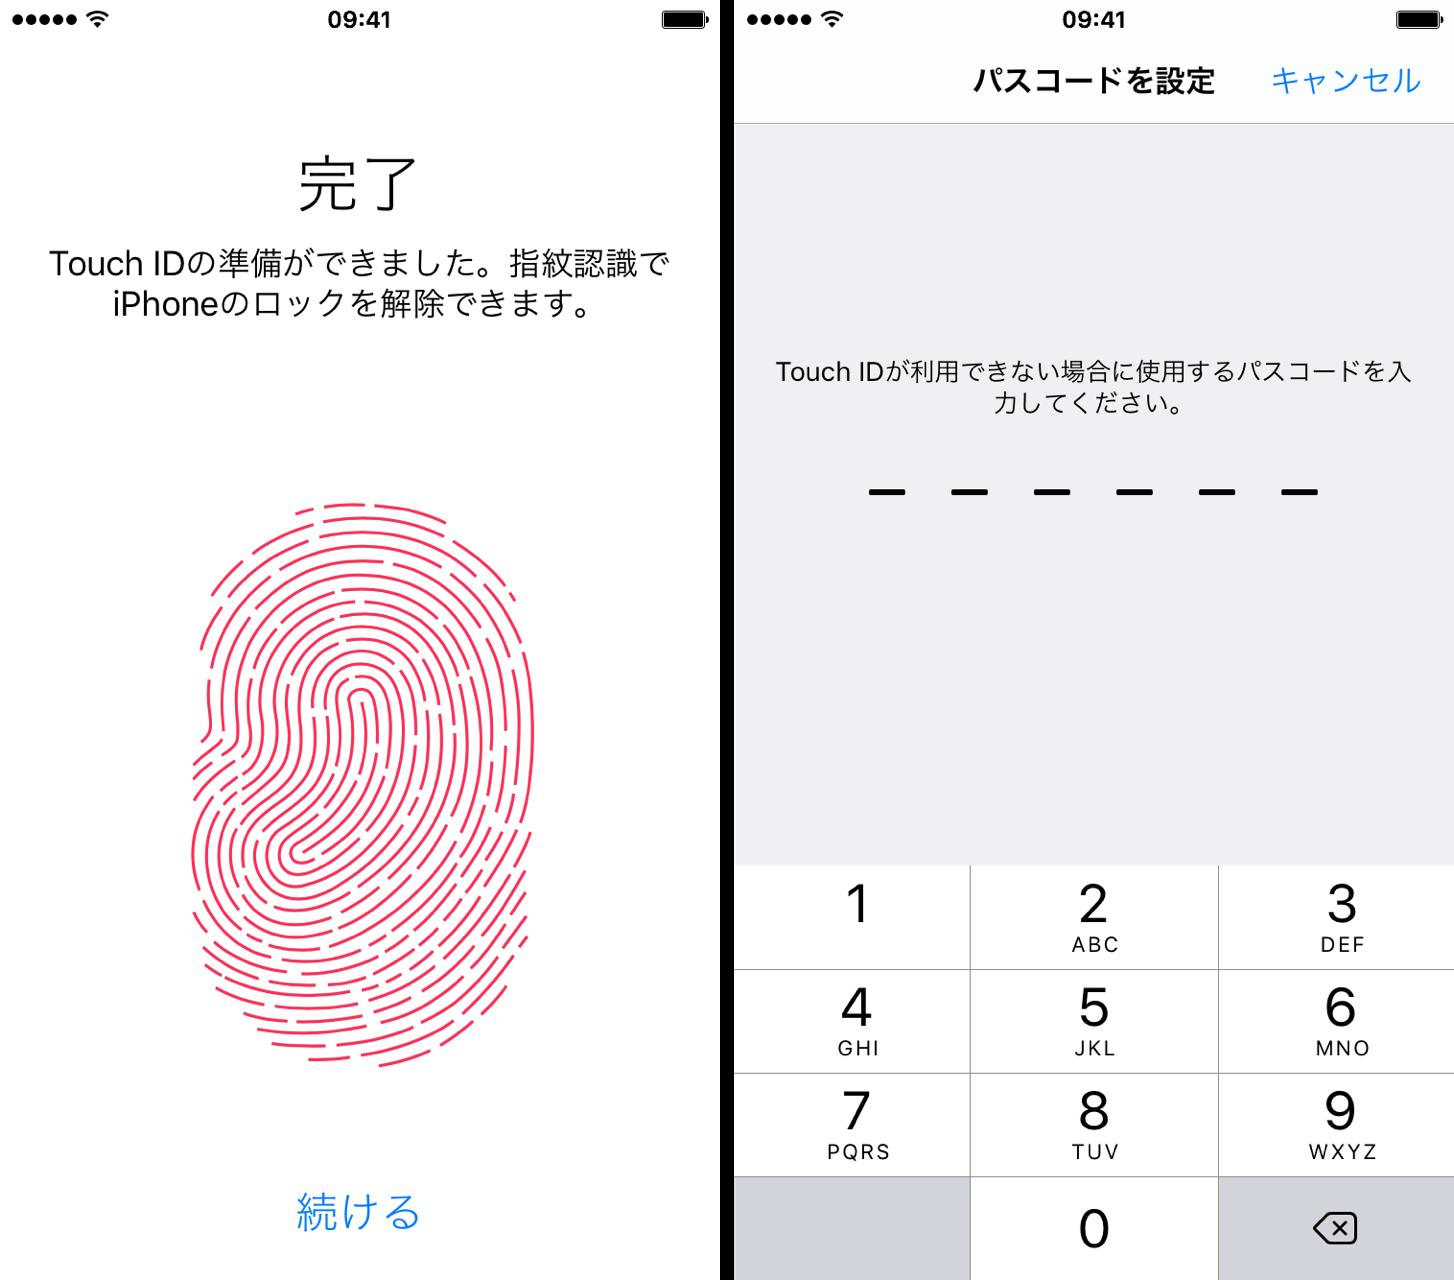 指紋認証(TouchID)の設定完了